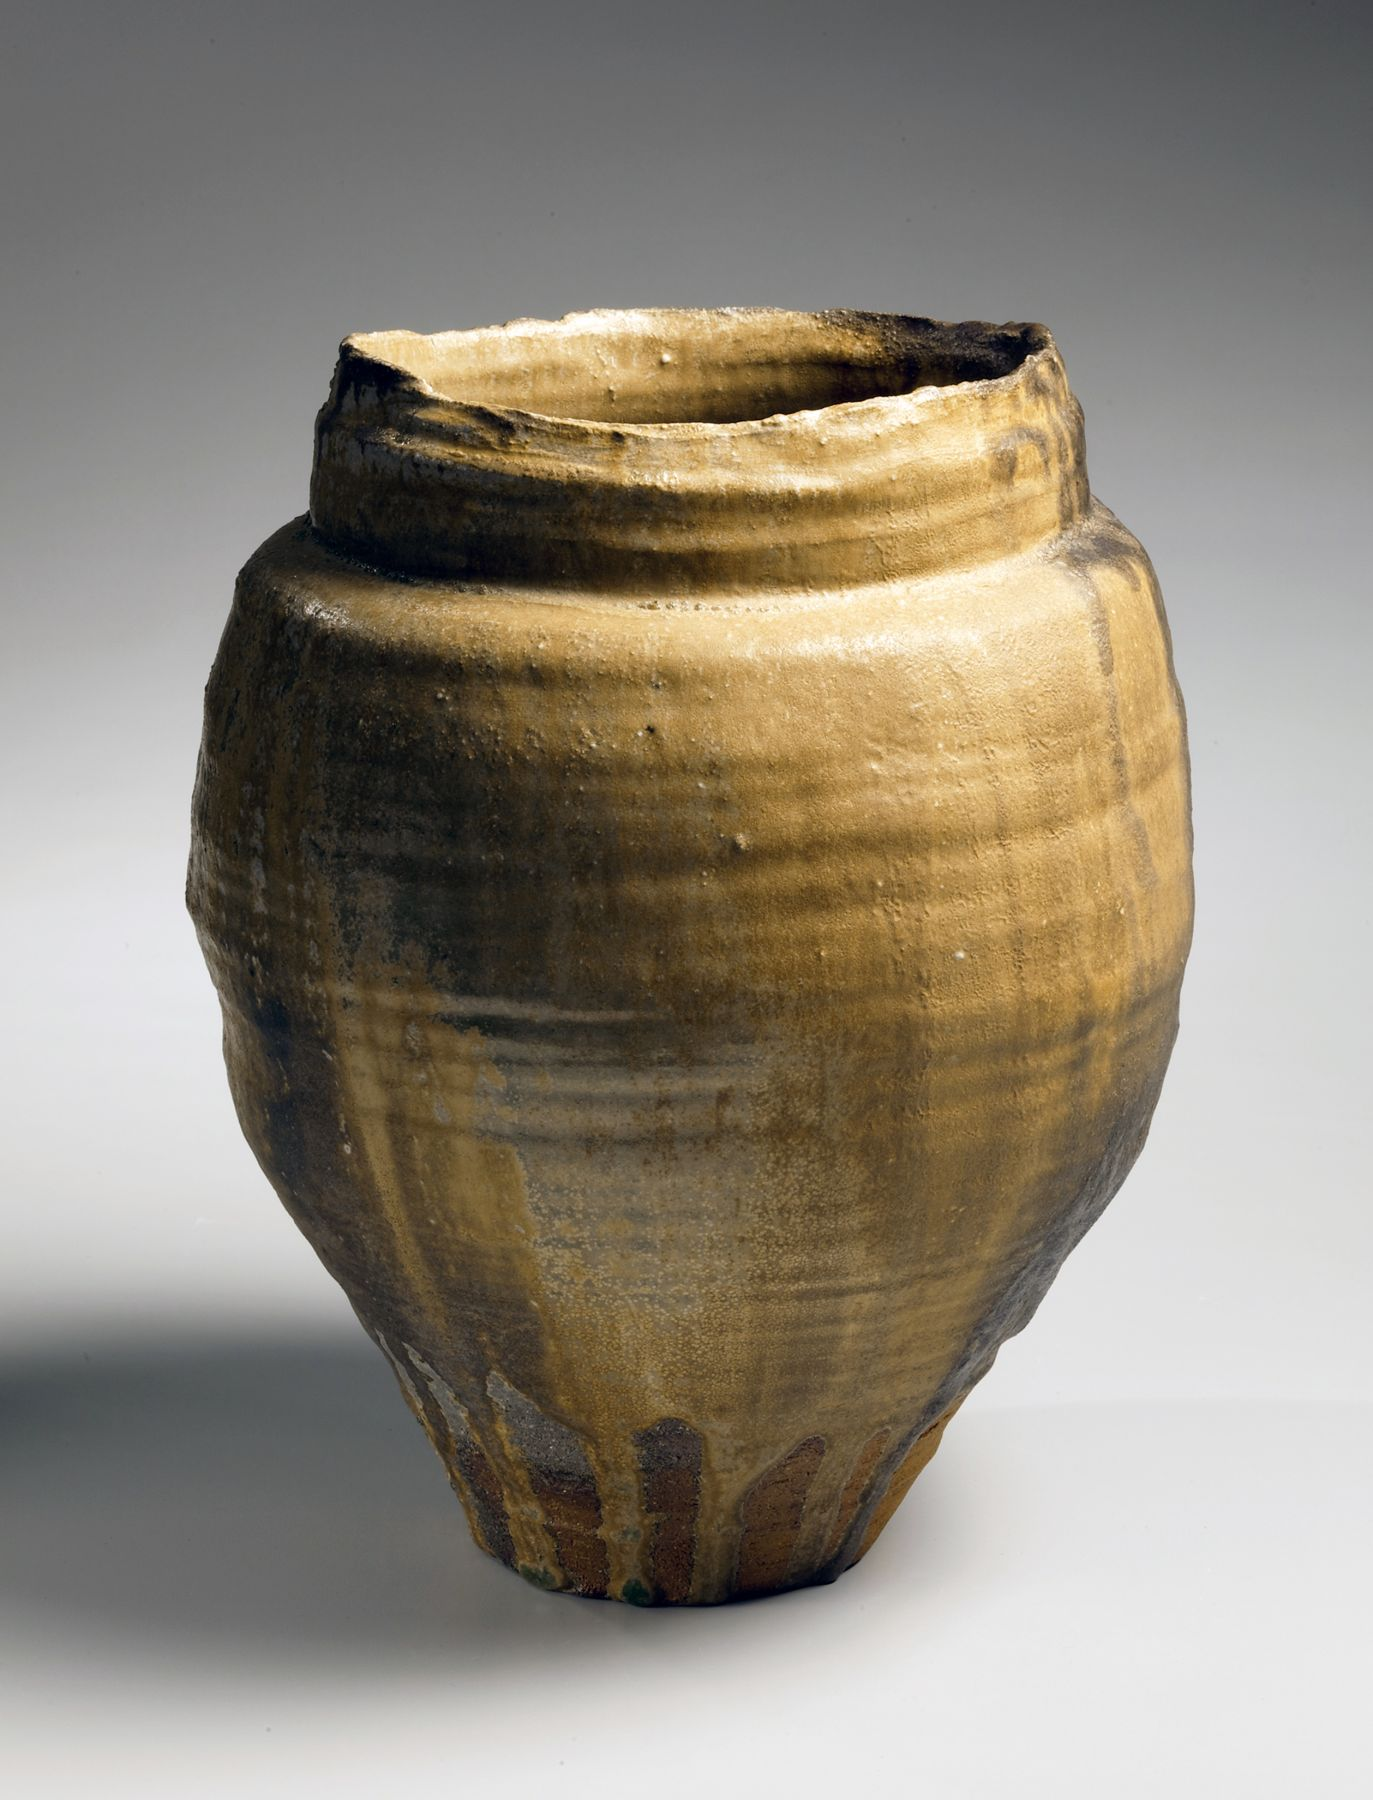 Hori Ichiro, ki-seto-glazed vessel, yellow-glazed stoneware, 2010, Japanese ki-seto, Japanese vessel Japanese teaware, Japanese ceramics, Japanese pottery, Japanese contemporary ceramics